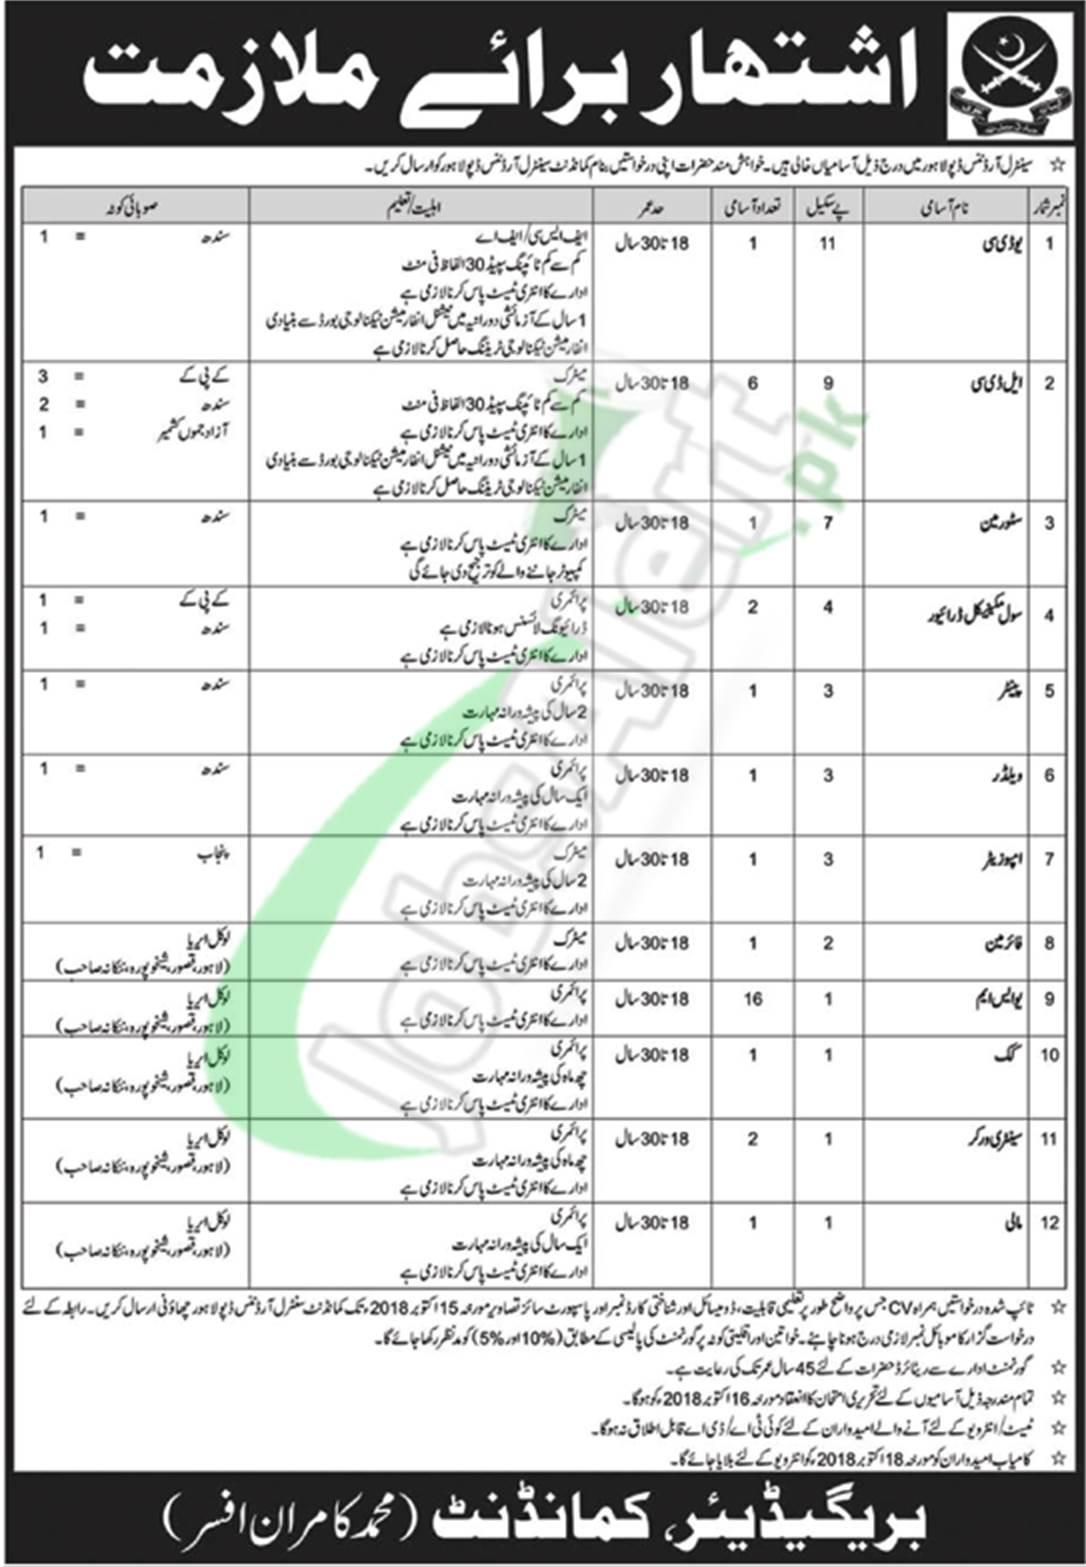 COD Lahore Jobs 2018